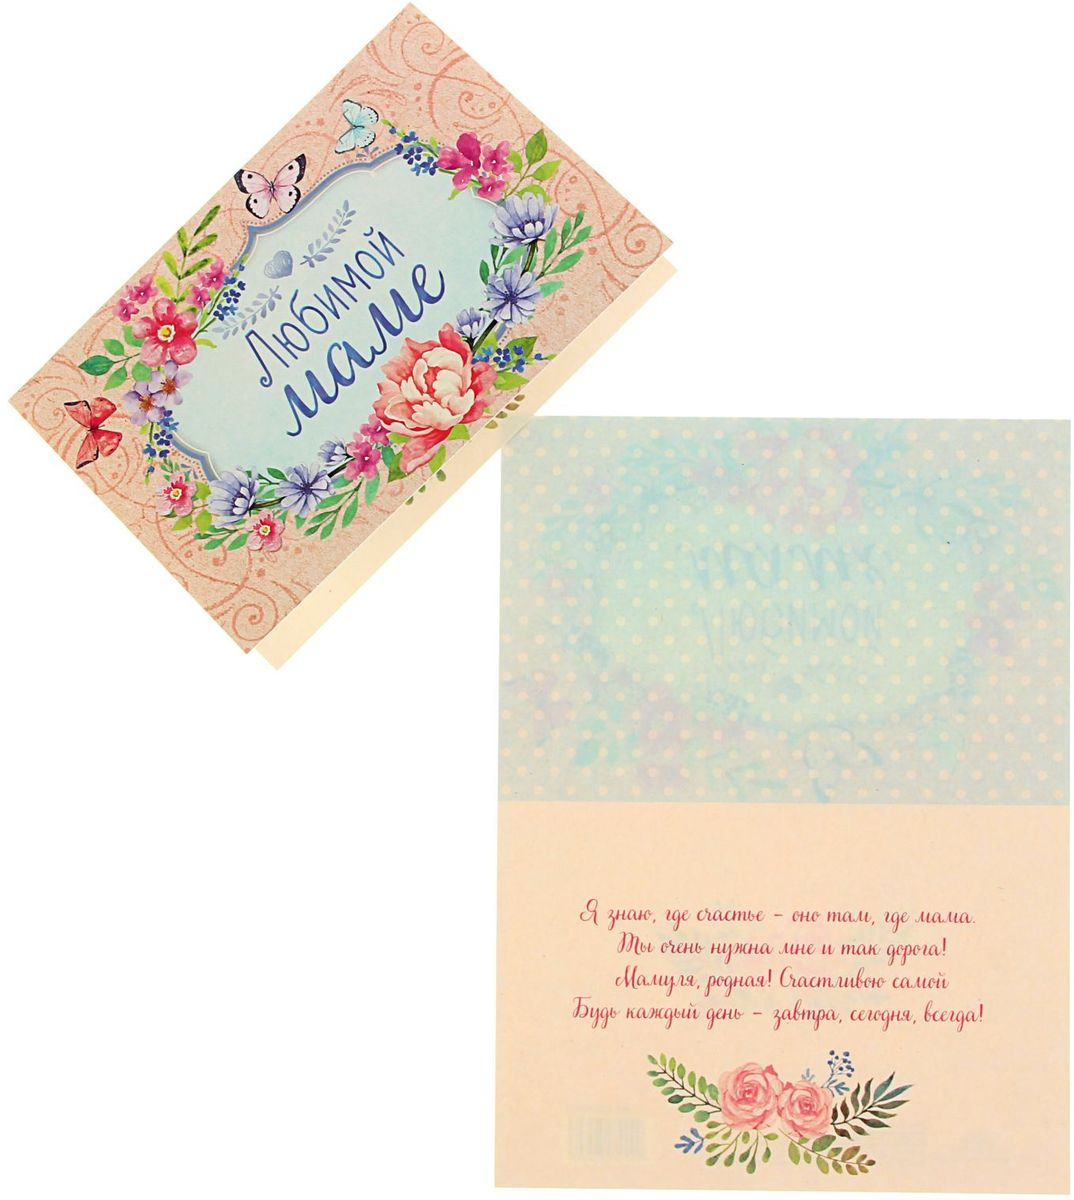 Открытка Дарите cчастье Любимой маме1259430Атмосферу праздника создают детали: свечи, цветы, бокалы, воздушные шары и поздравительные открытки — яркие и весёлые, романтичные и нежные, милые и трогательные. Расскажите о своих чувствах дорогому для вас человеку, поделитесь радостью с близкими и друзьями. Открытка с креативным дизайном вам в этом поможет.